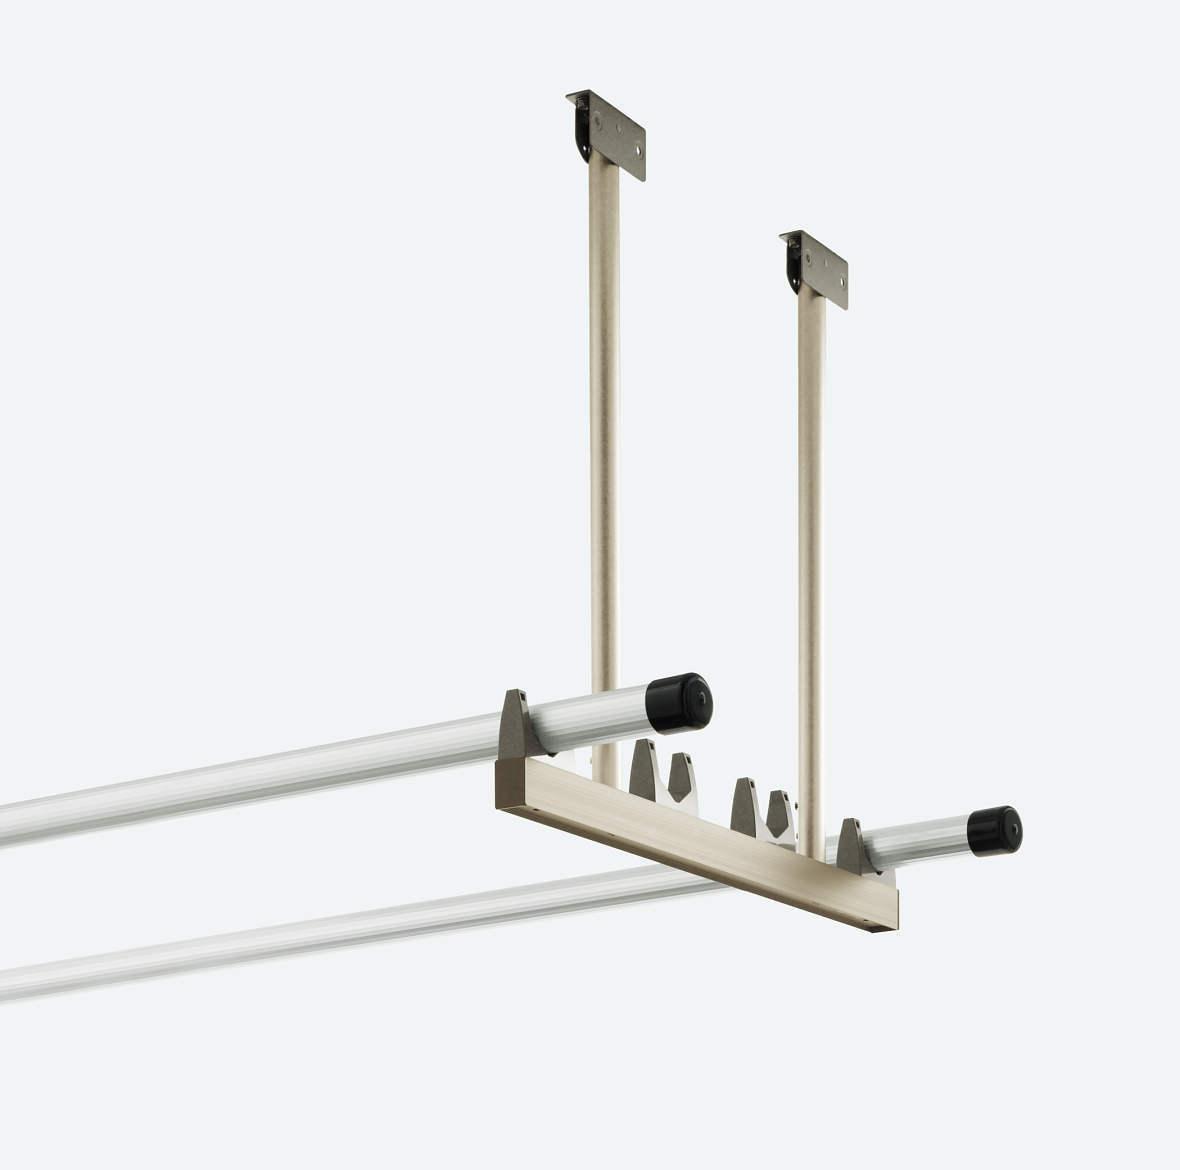 アルミ製吊り下げ式固定物干し2本1組 標準タイプ